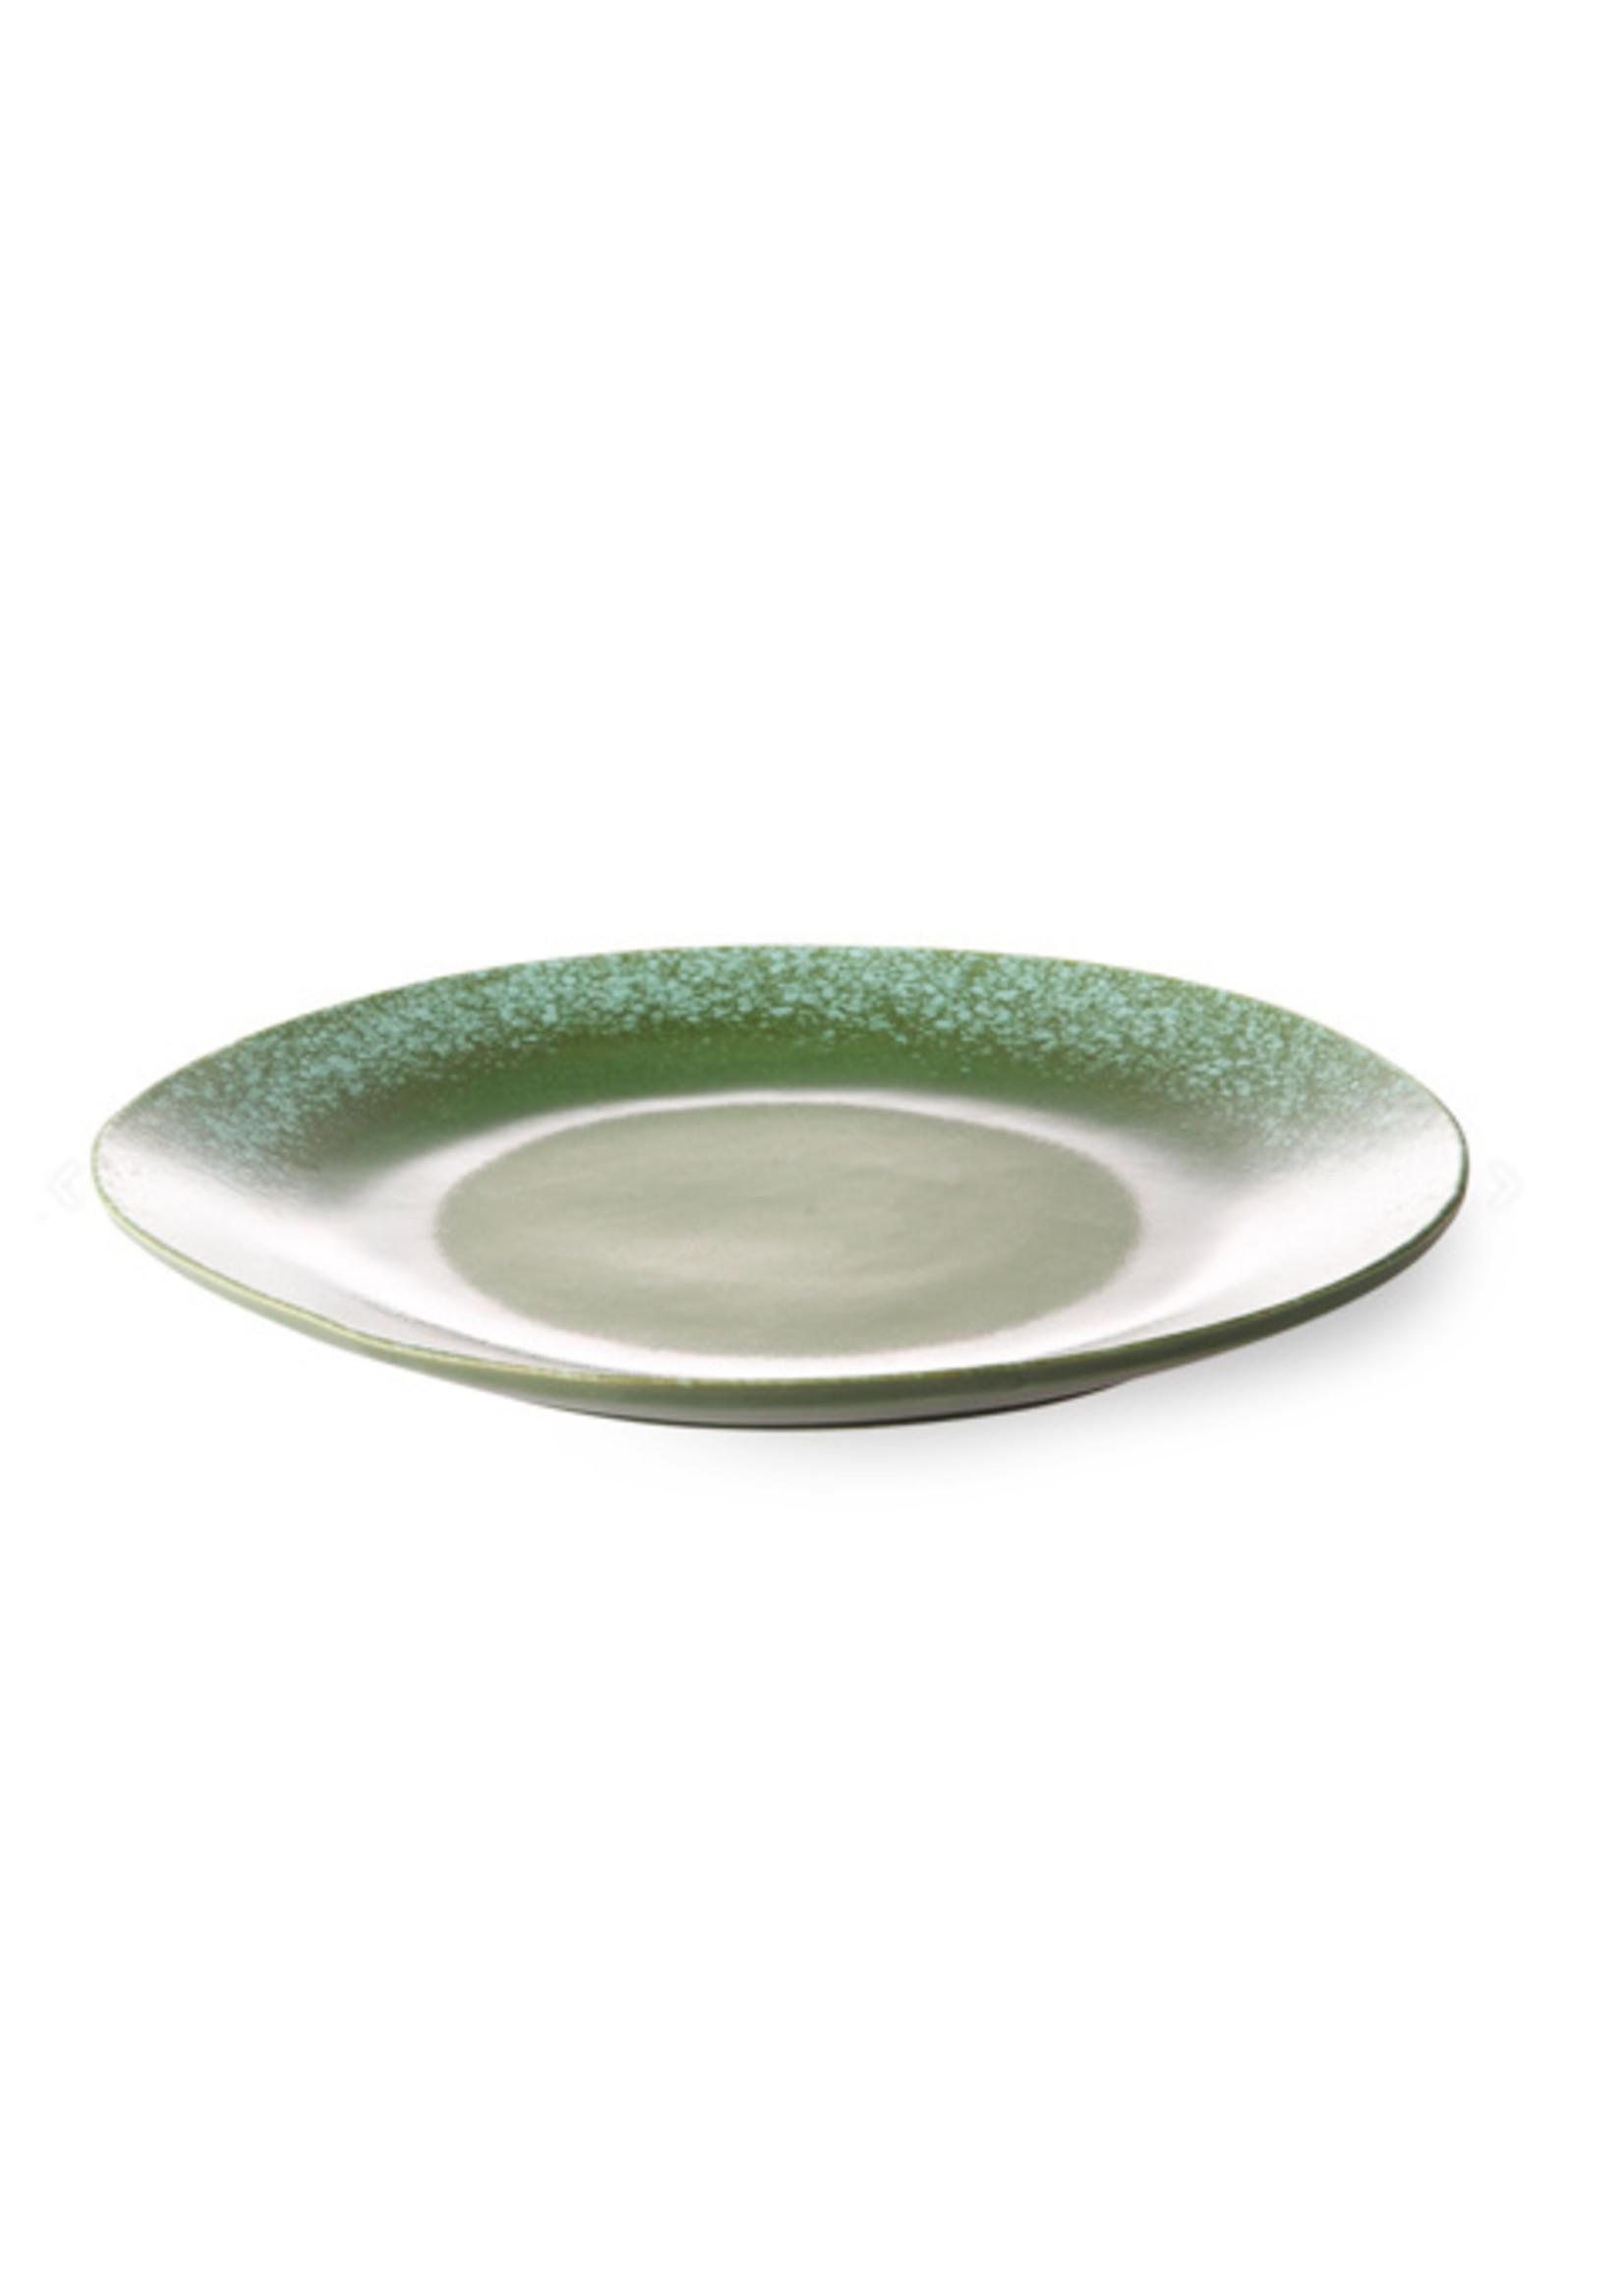 HKliving Dinner plate green